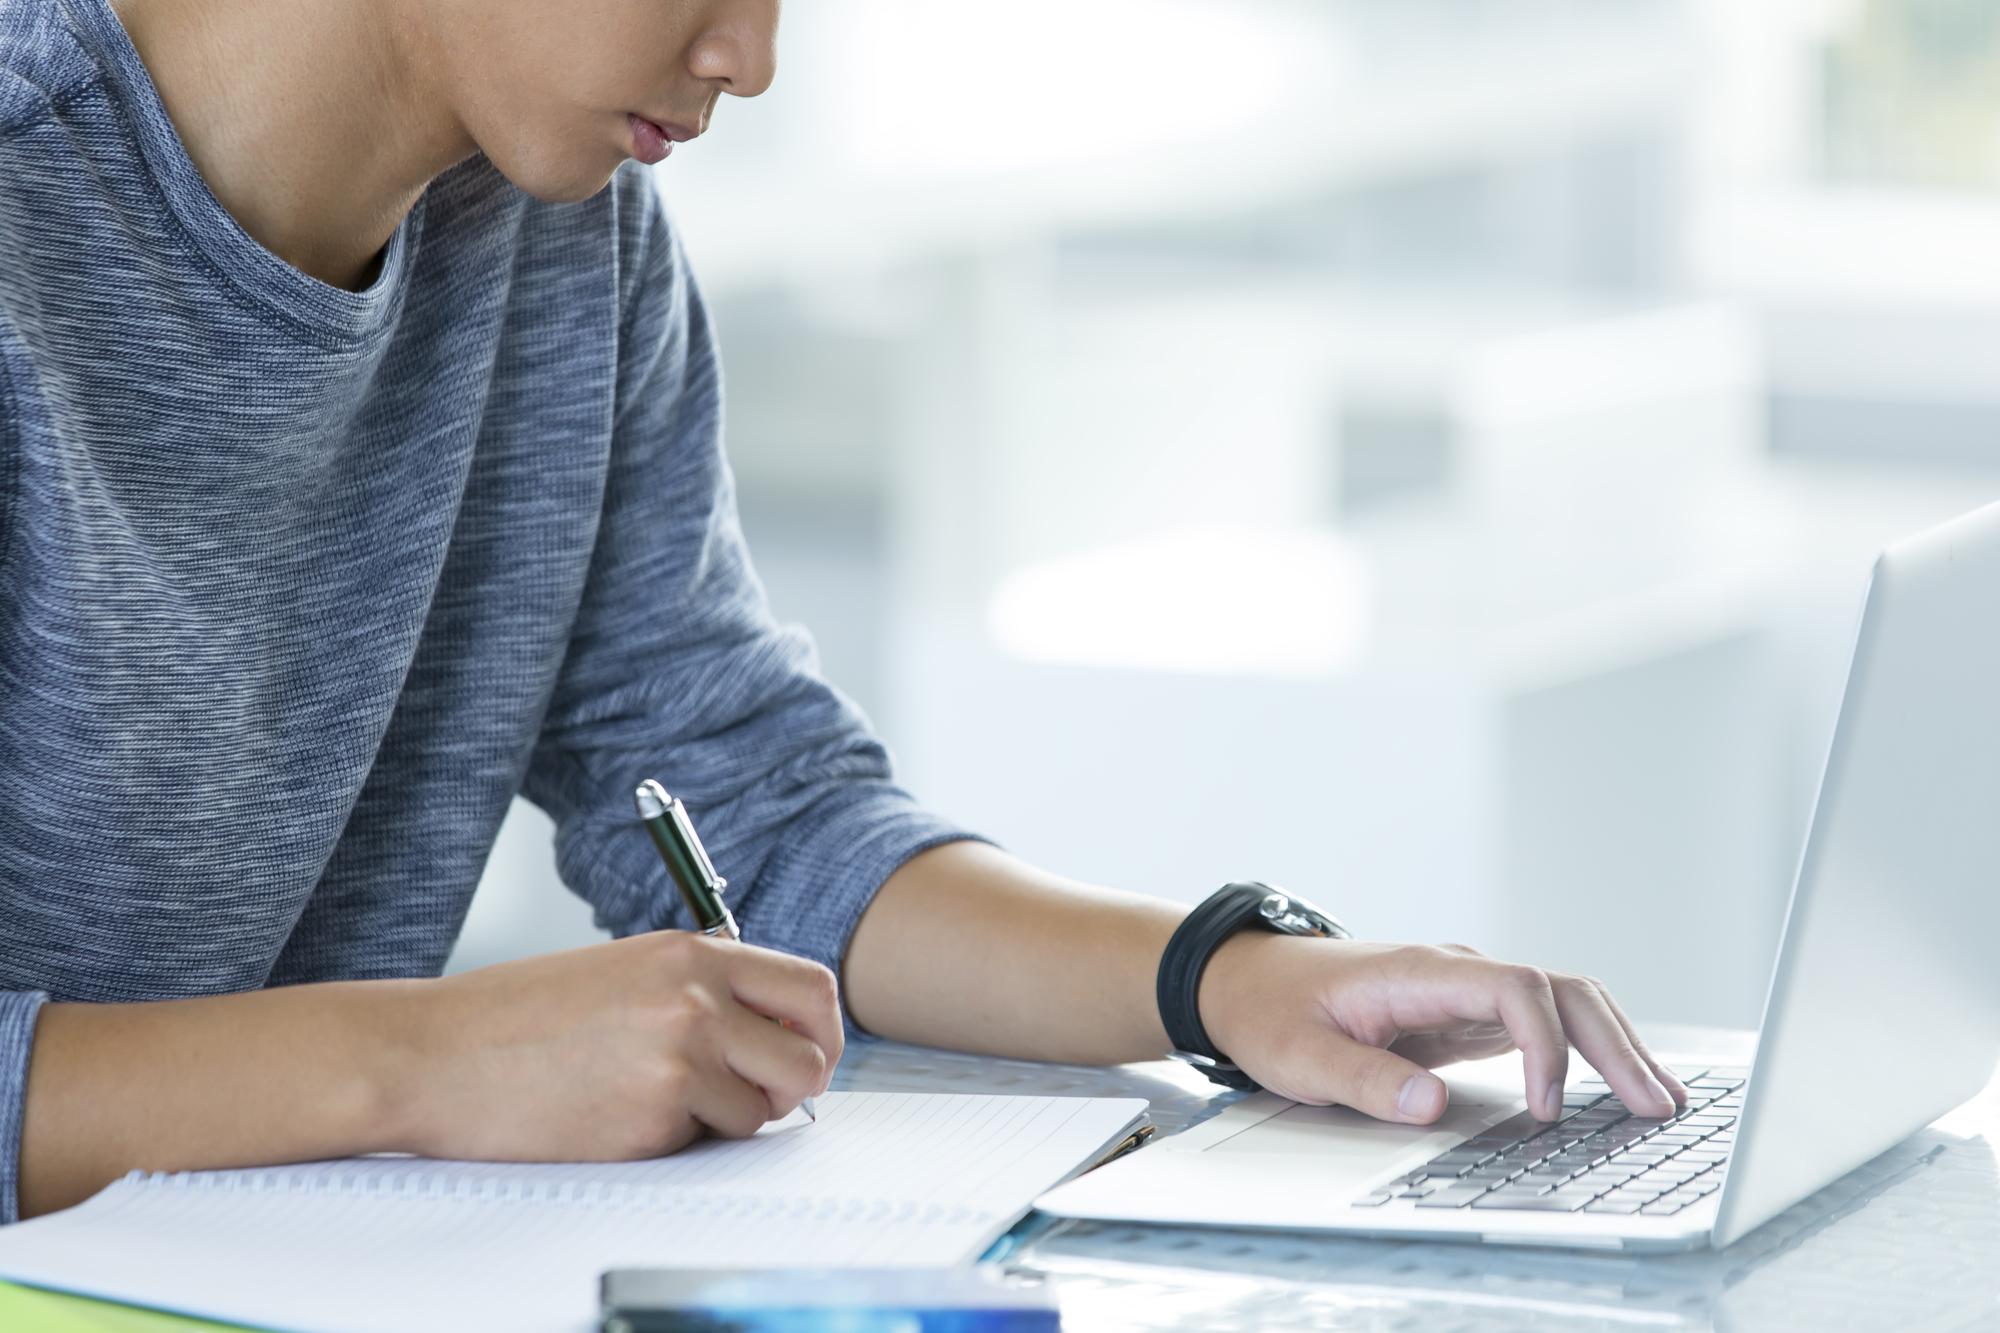 就活めんどくさい…と感じつつ取り組む大学生(イメージ)